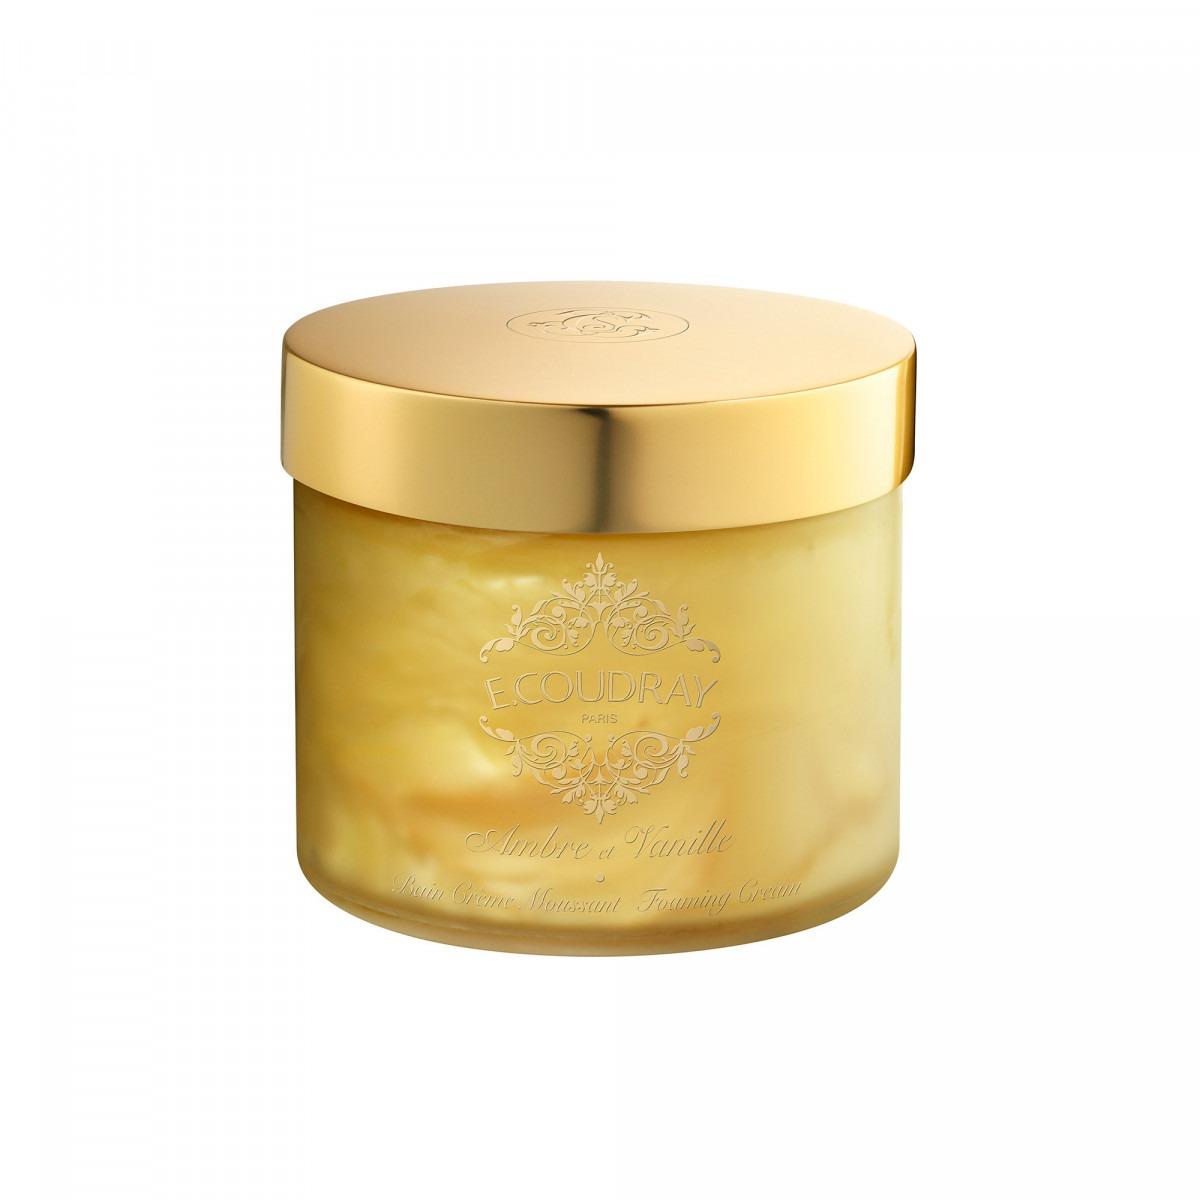 E. Coudray bath mousse glass jar ambre de vanille 250ml